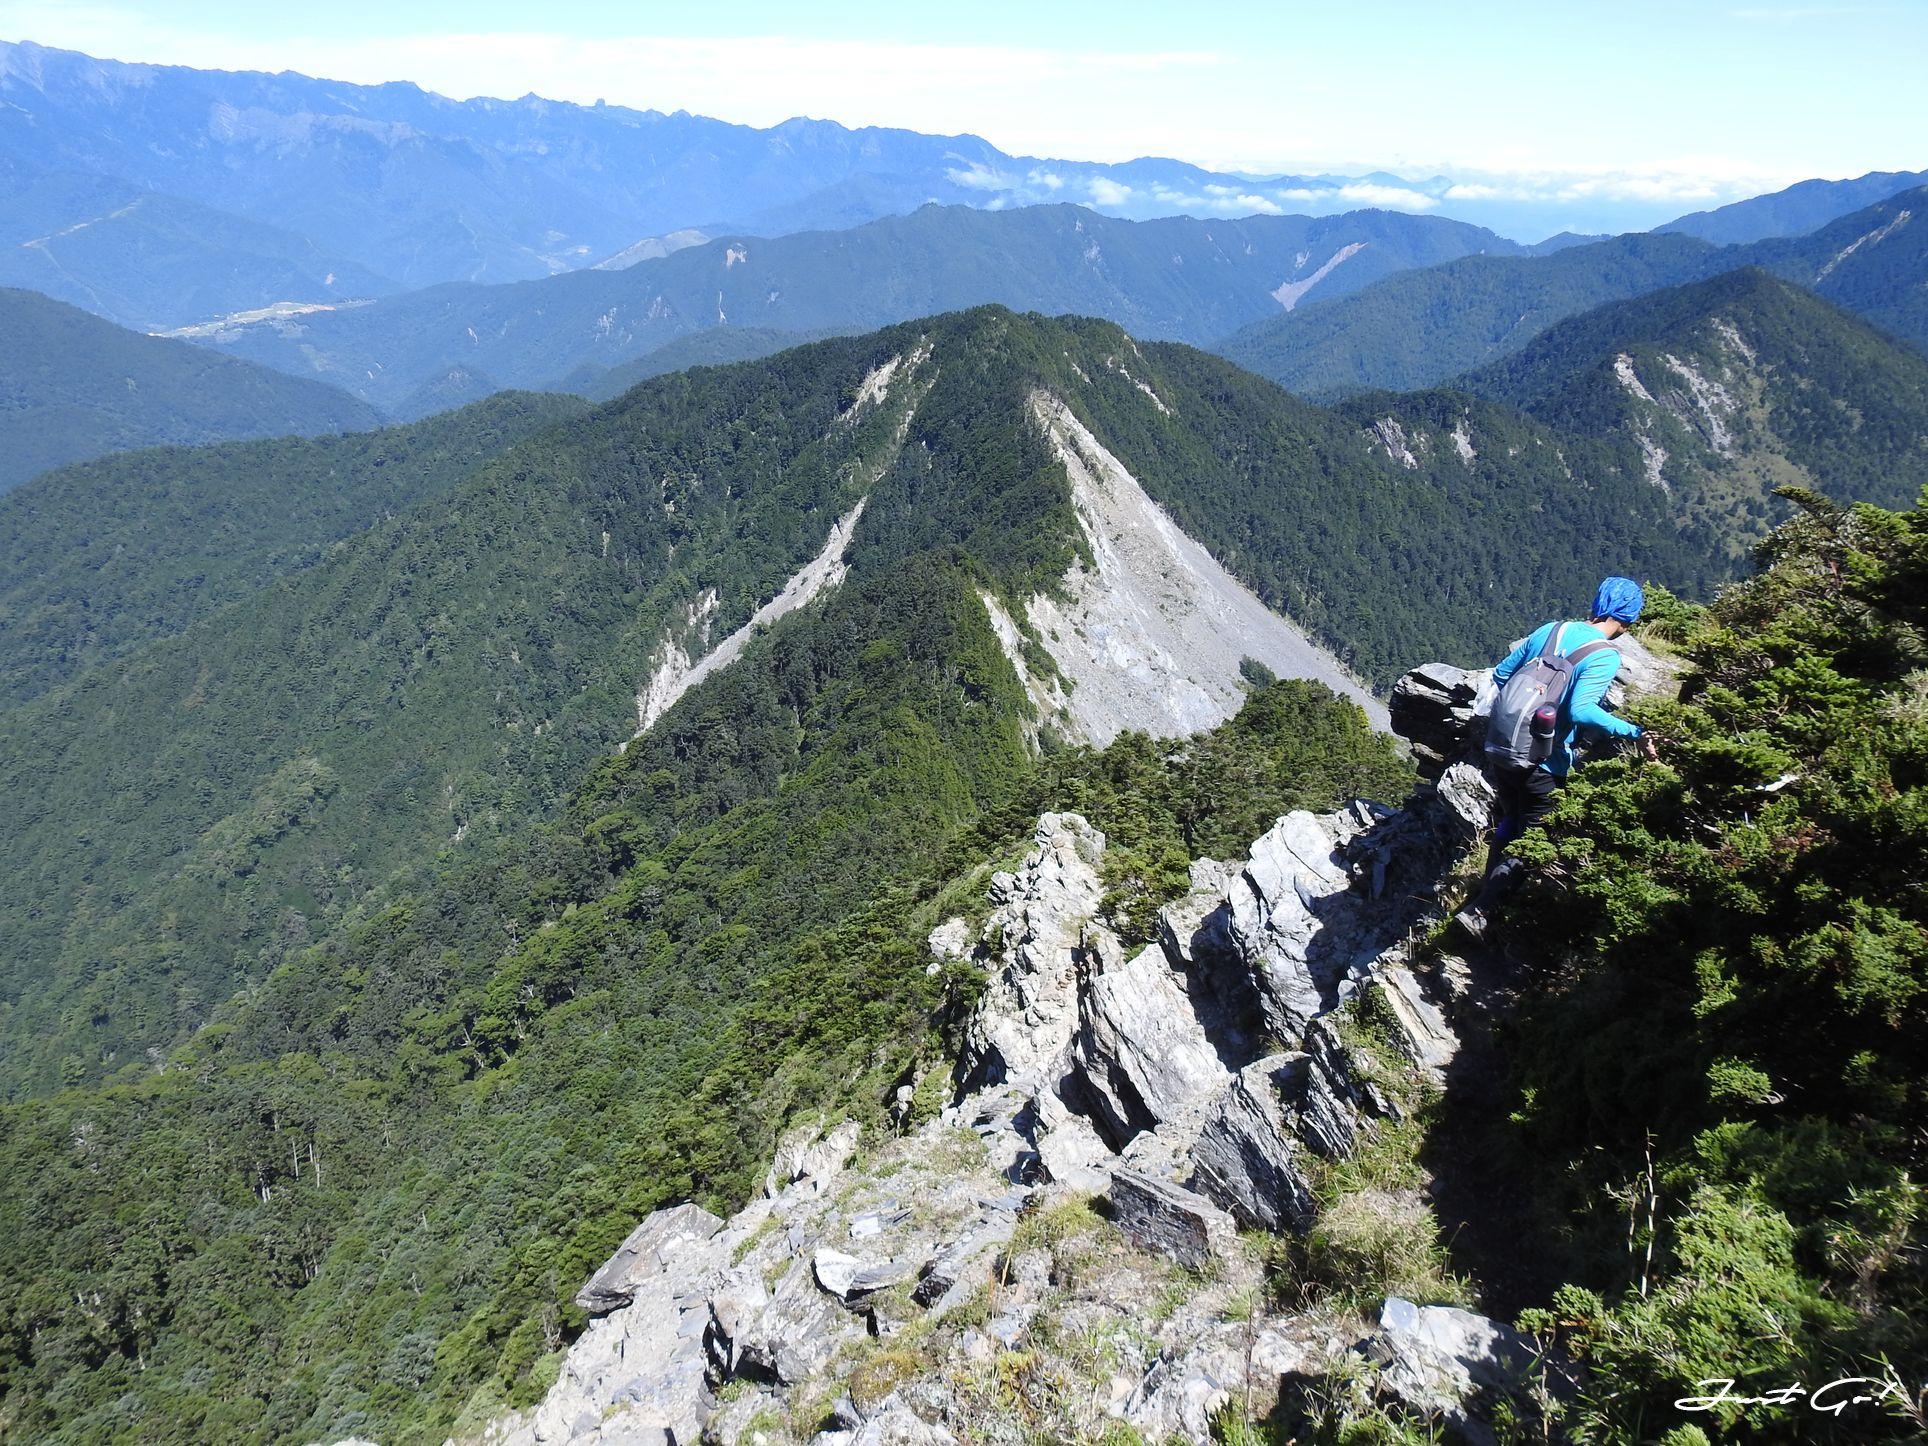 北二段C+級百岳-無明山、甘薯峰3天2夜-gpx路線、行程接駁、申請、水源46